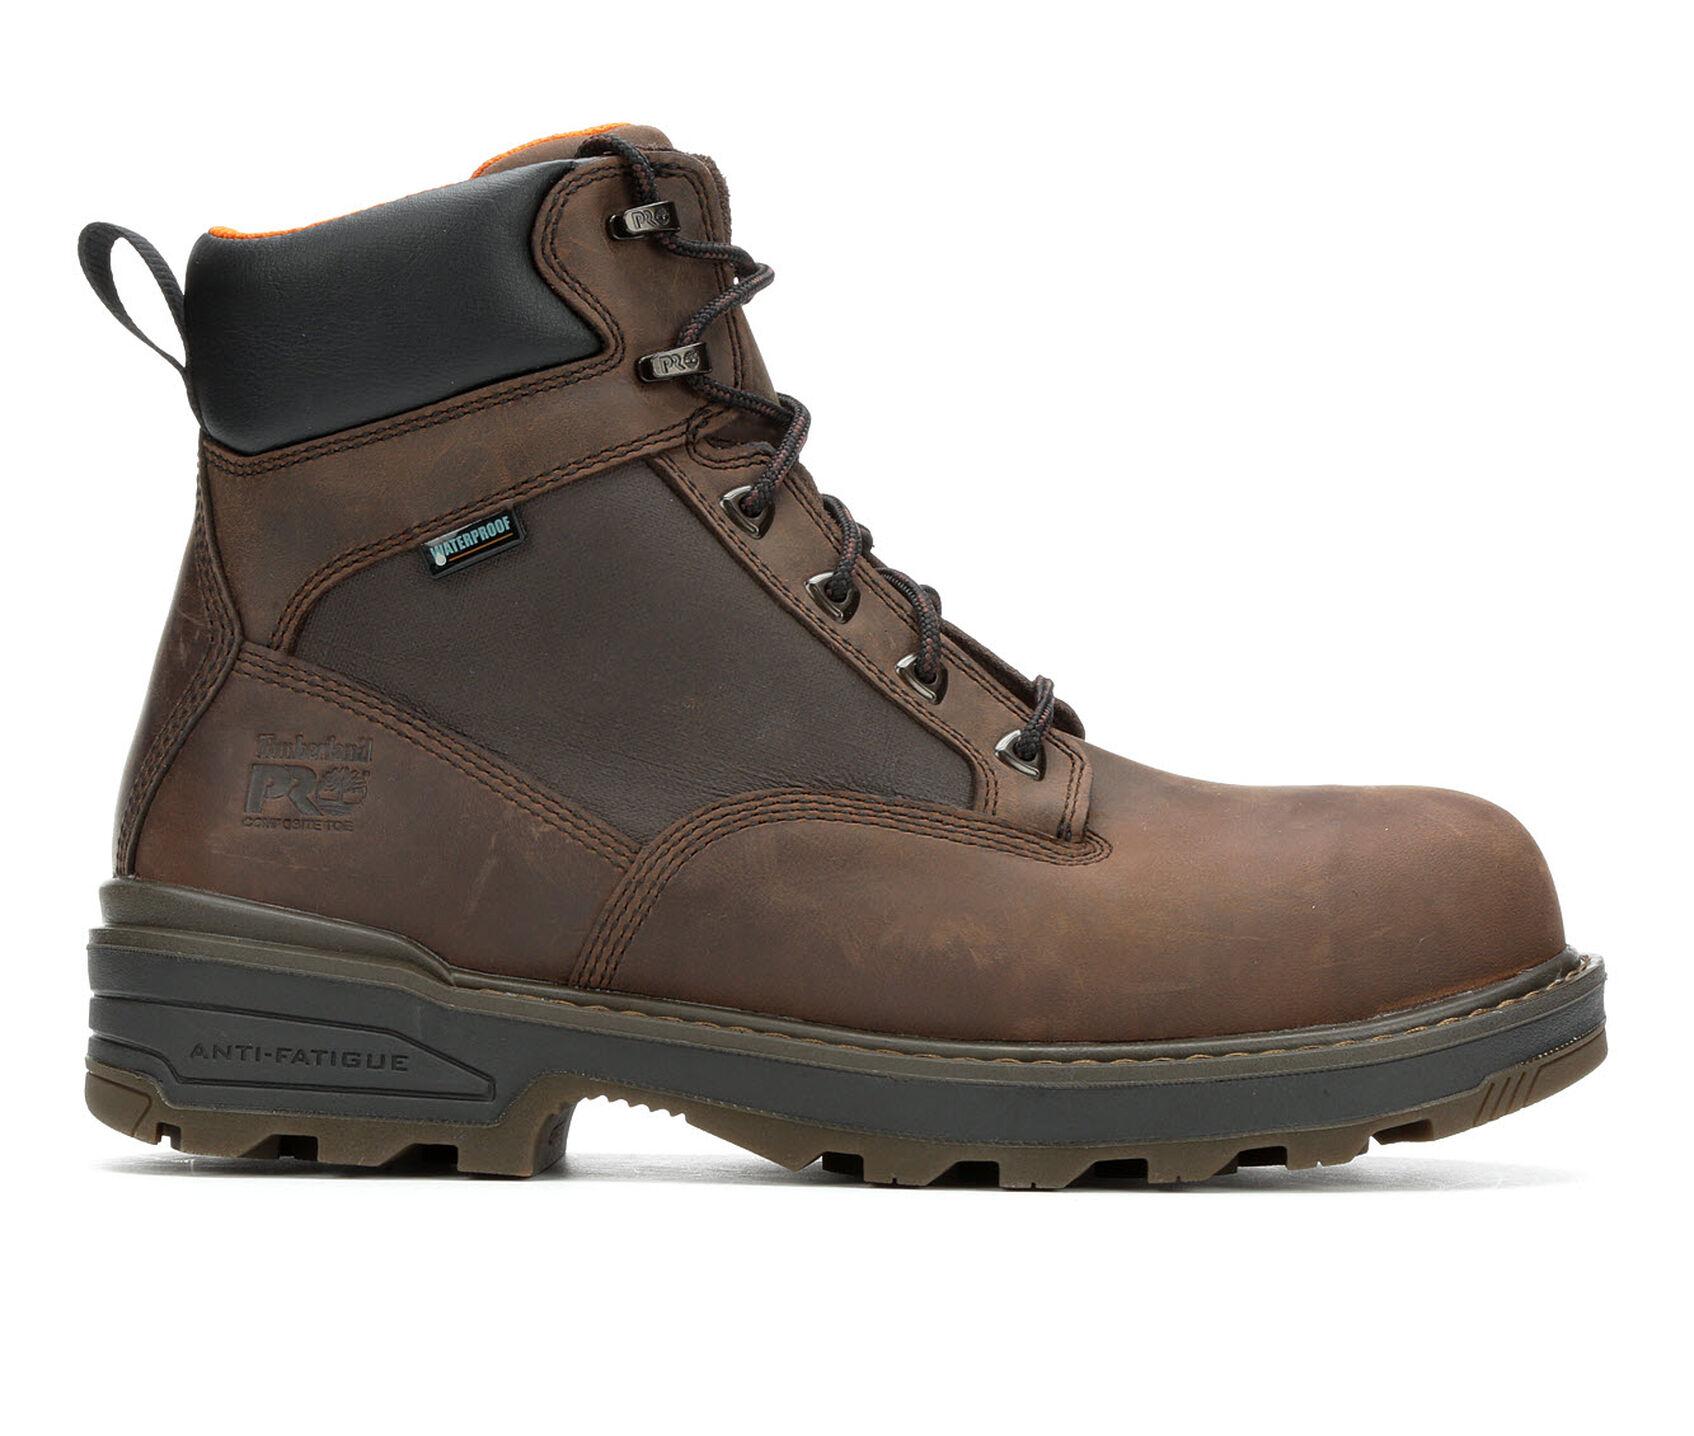 524289cec75 Men's Timberland Pro Resistor A121S Composite Toe Waterproof Work Boots